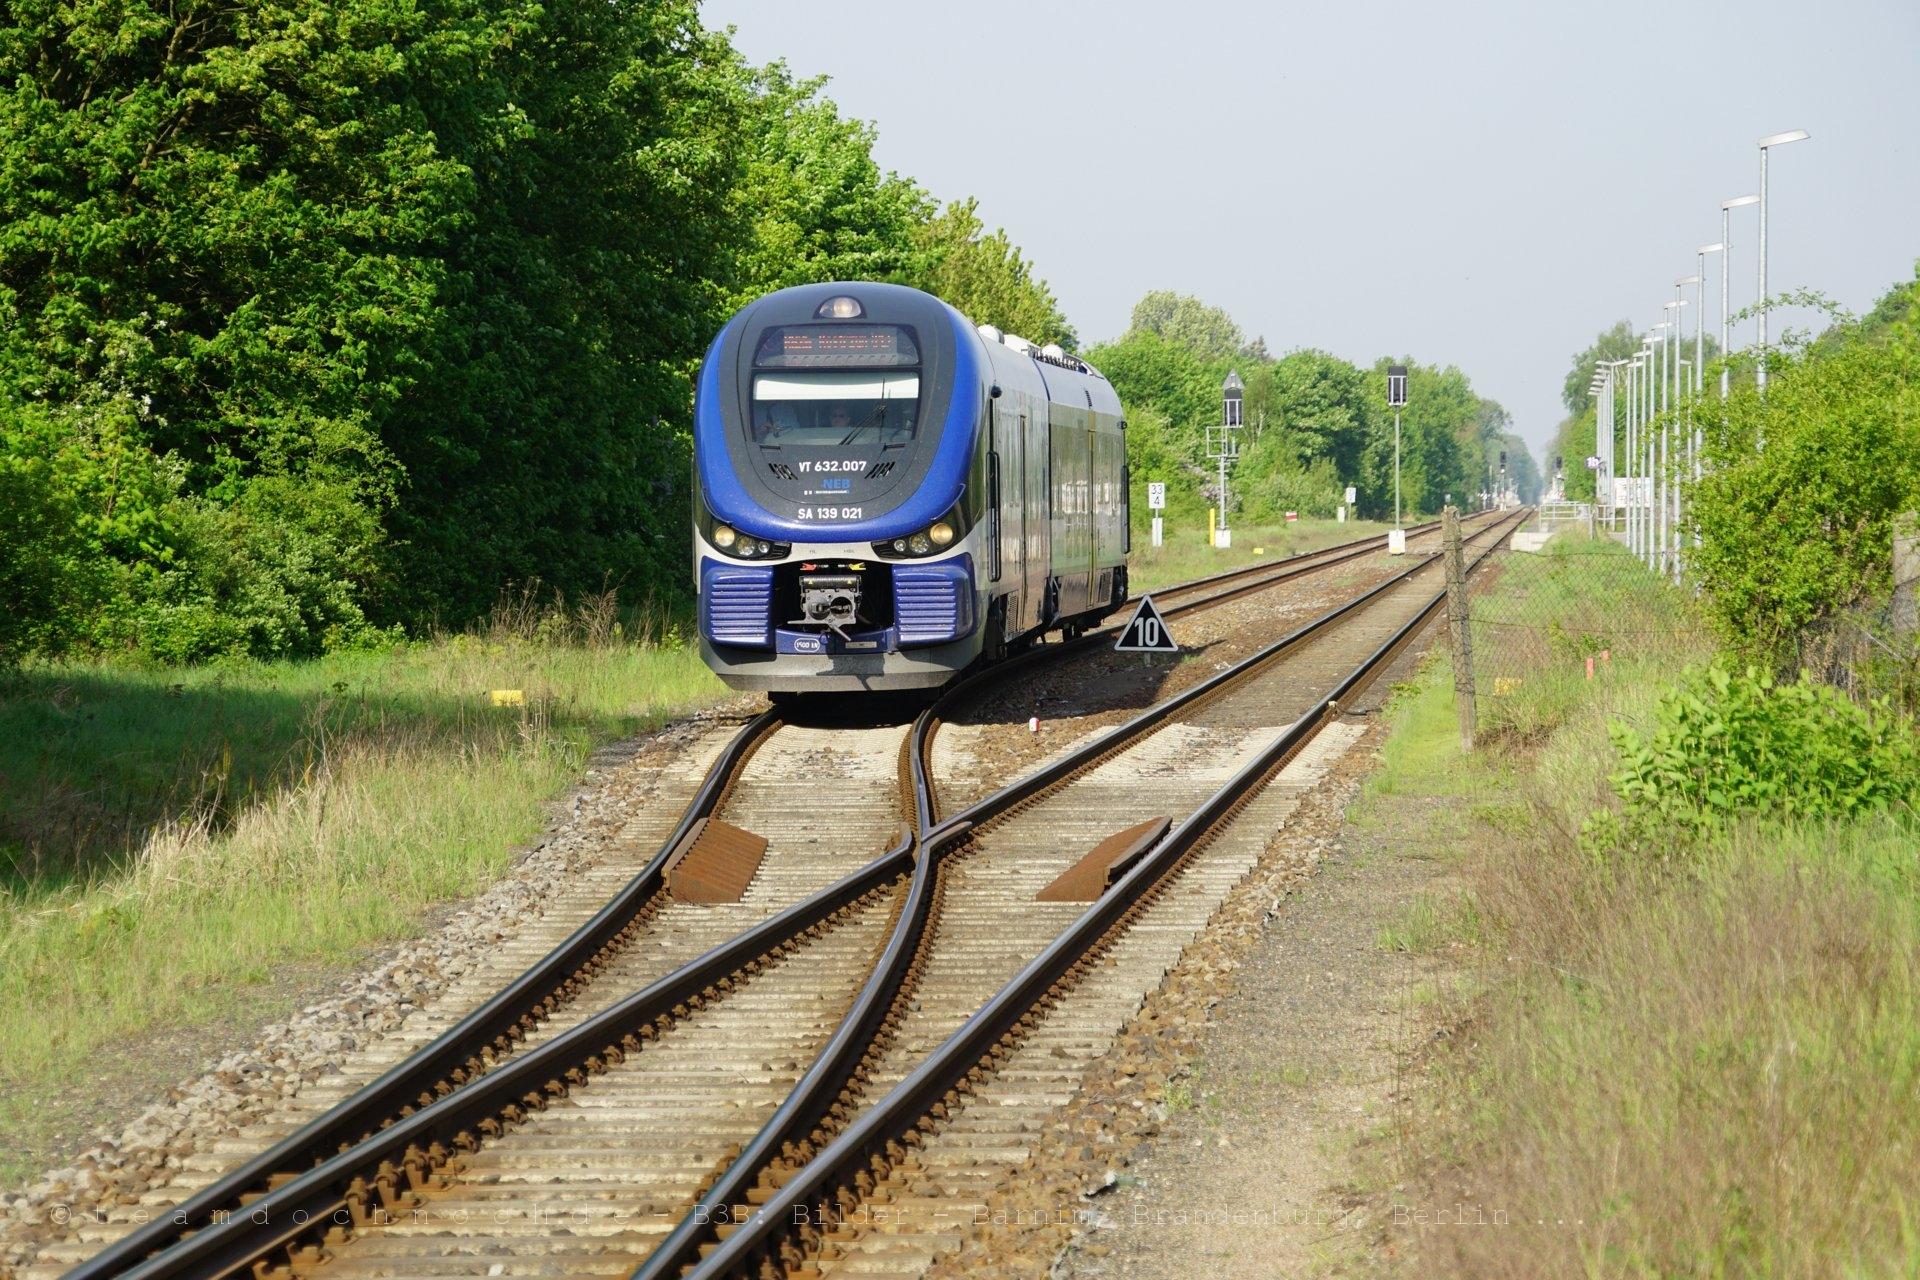 VT 632.007 / SA139 021 der NEB in Rehfelde an der Ostbahn